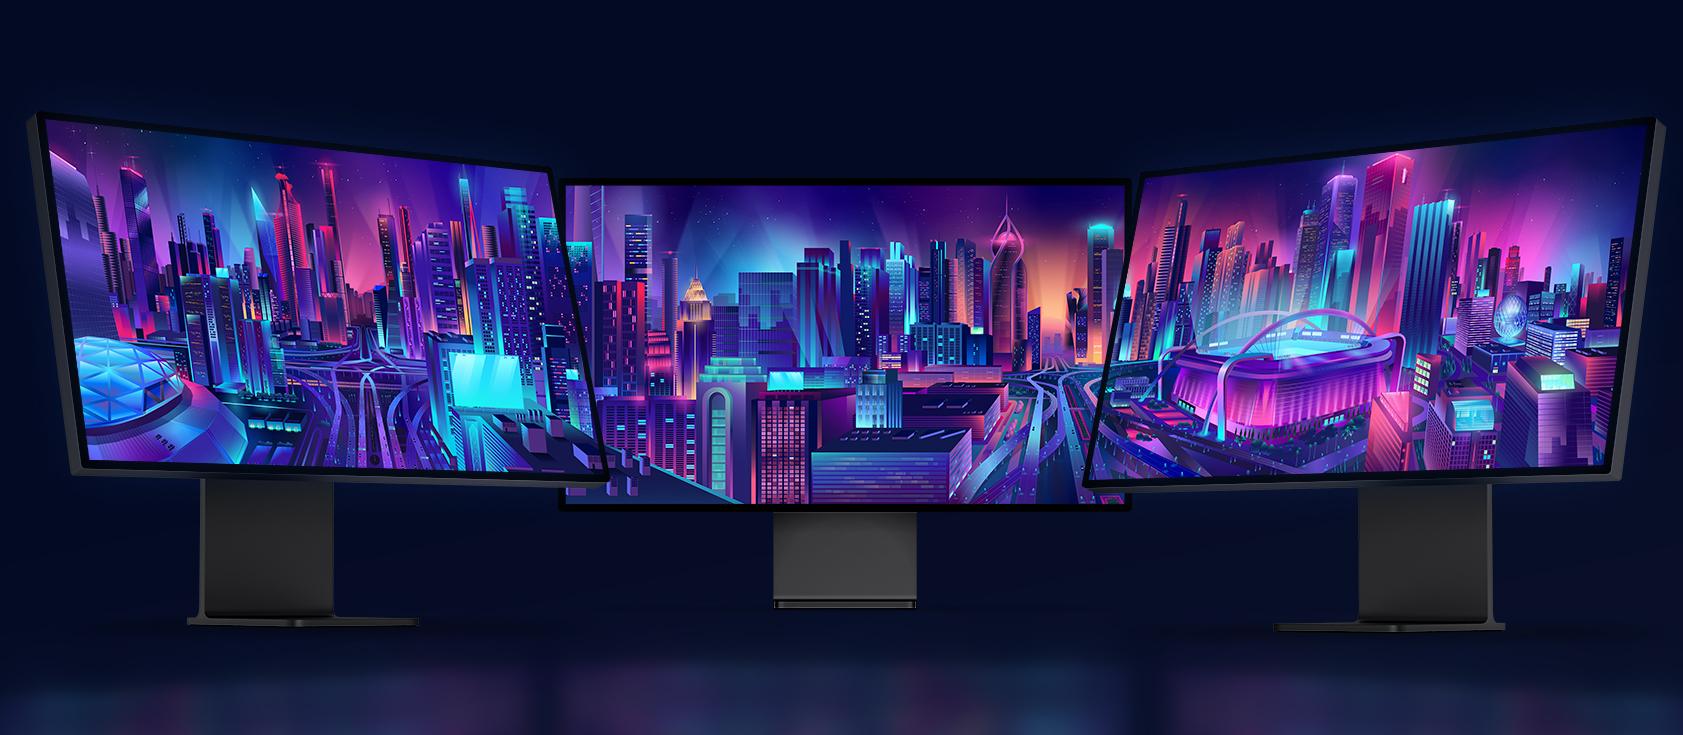 screens_all_three